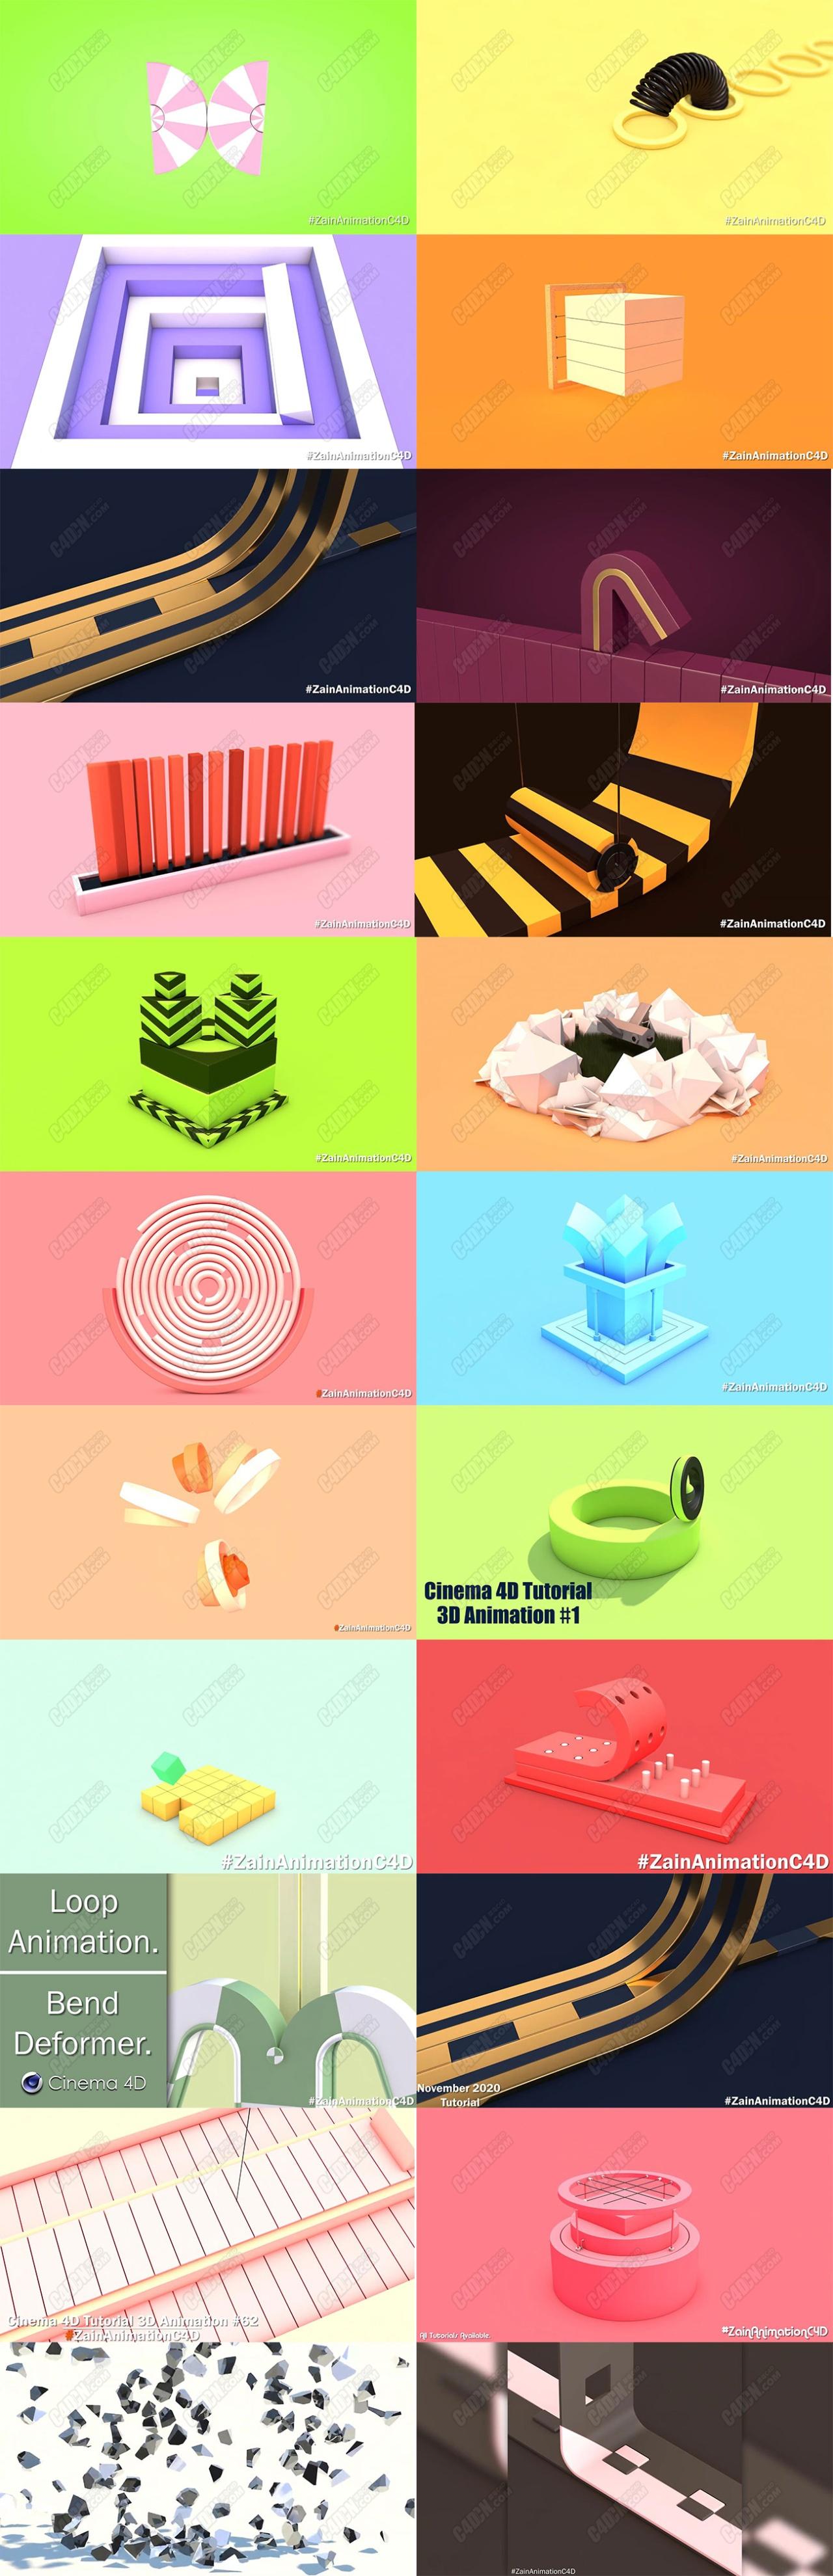 100多個運動圖形創意動畫小教程適合新手入門學習打牢基礎